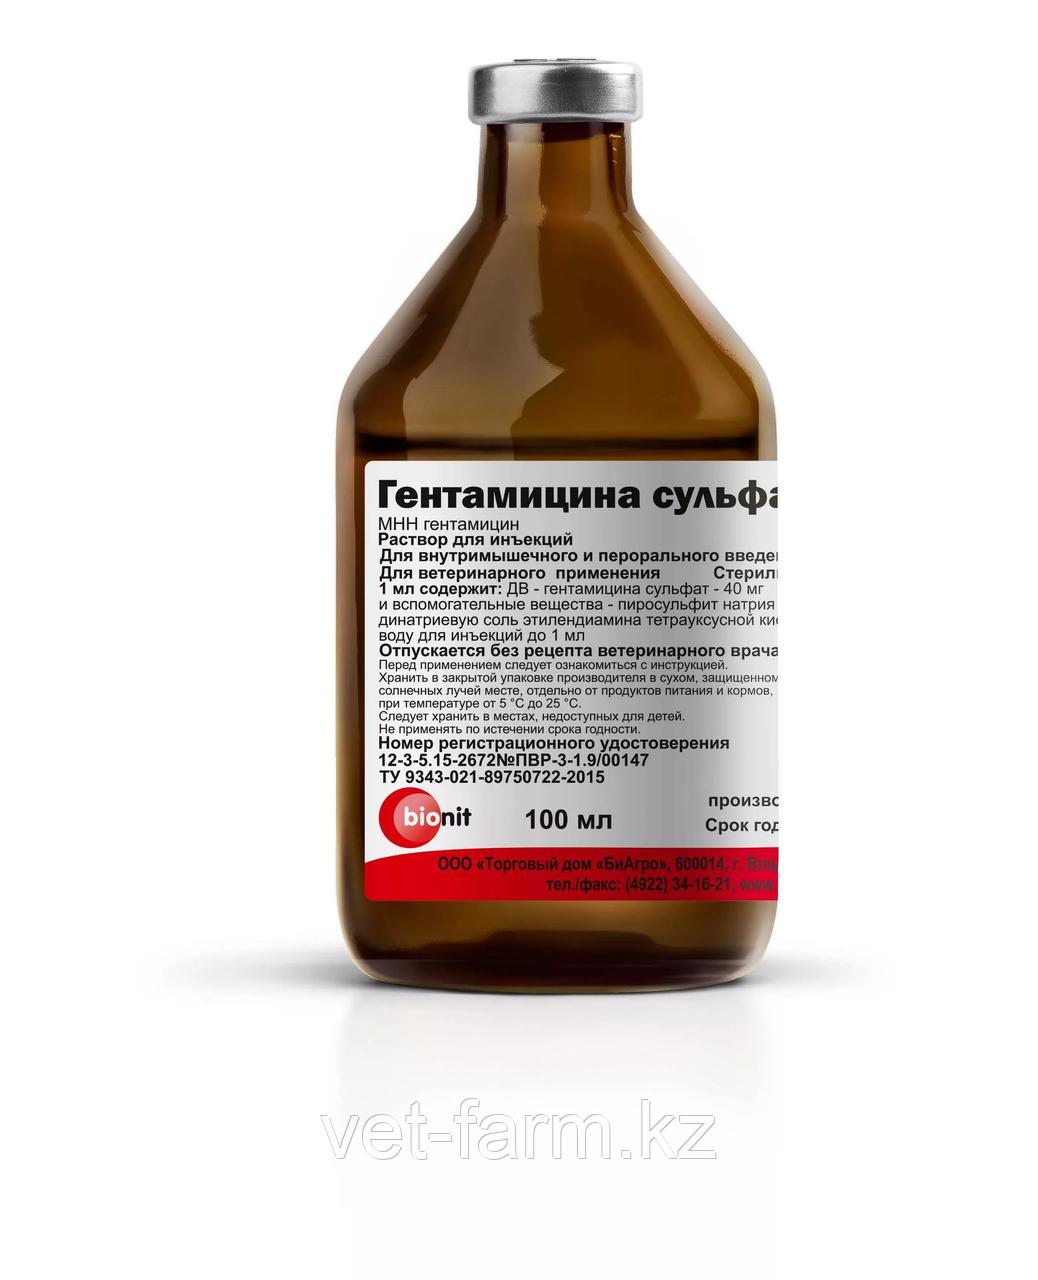 Гентамицина сульфат 4% 100 мл  (Bionit)